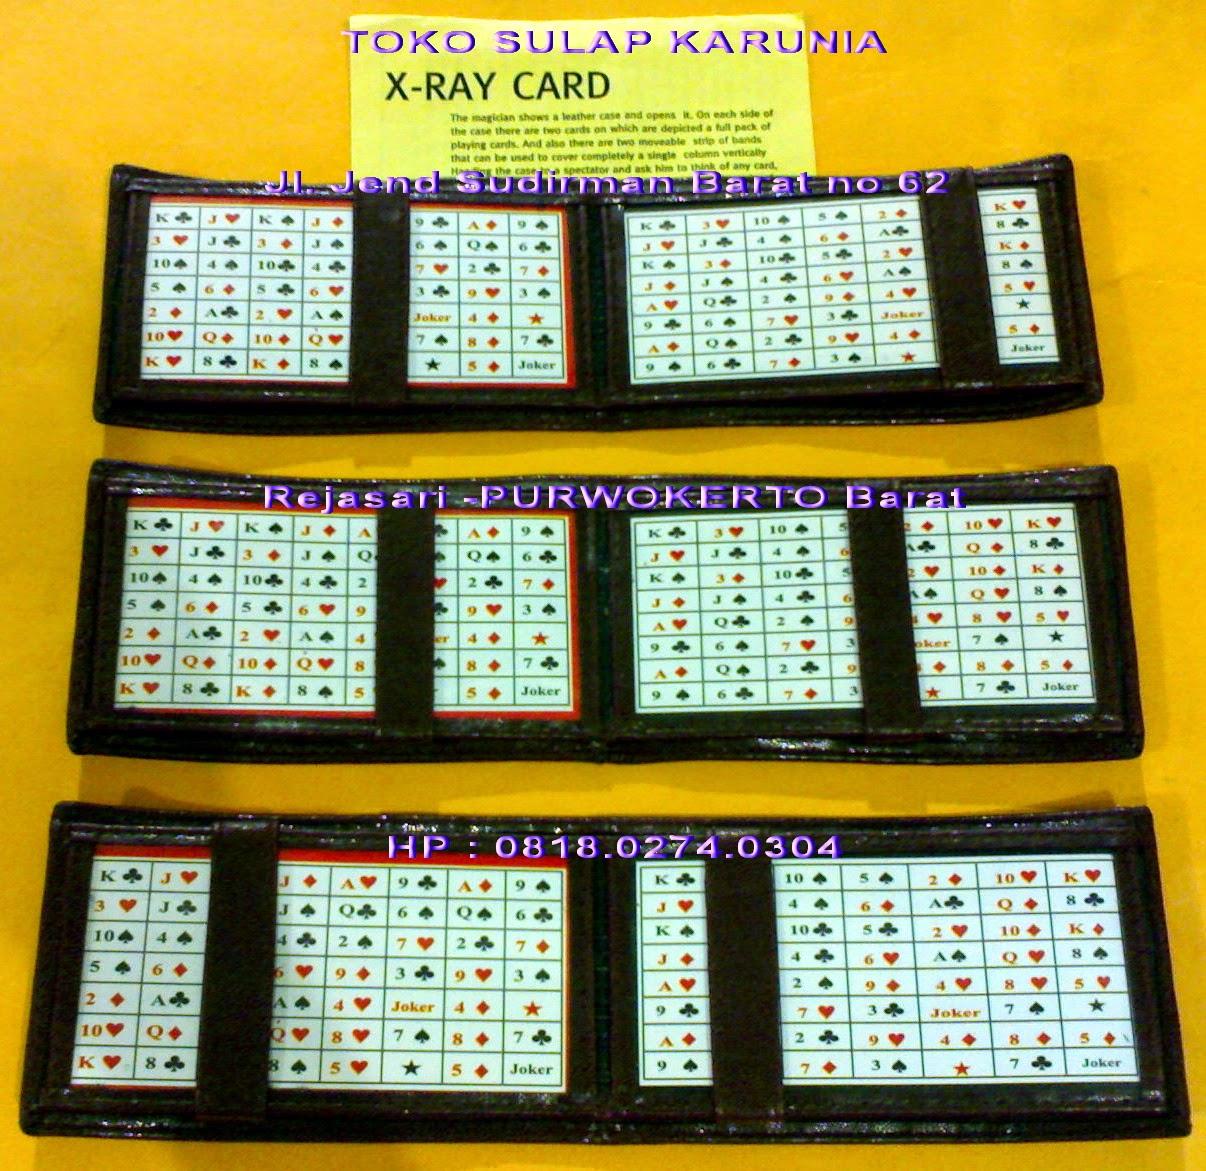 Alat Kartu Remi Toko Sulap Purwokerto X Ray Card Wallet Dompet Rp 95000 Pesulap Menunjukkan Yg Di Dalamnya Ada Tampilan Lengkap Penonton Suruh Menghapal